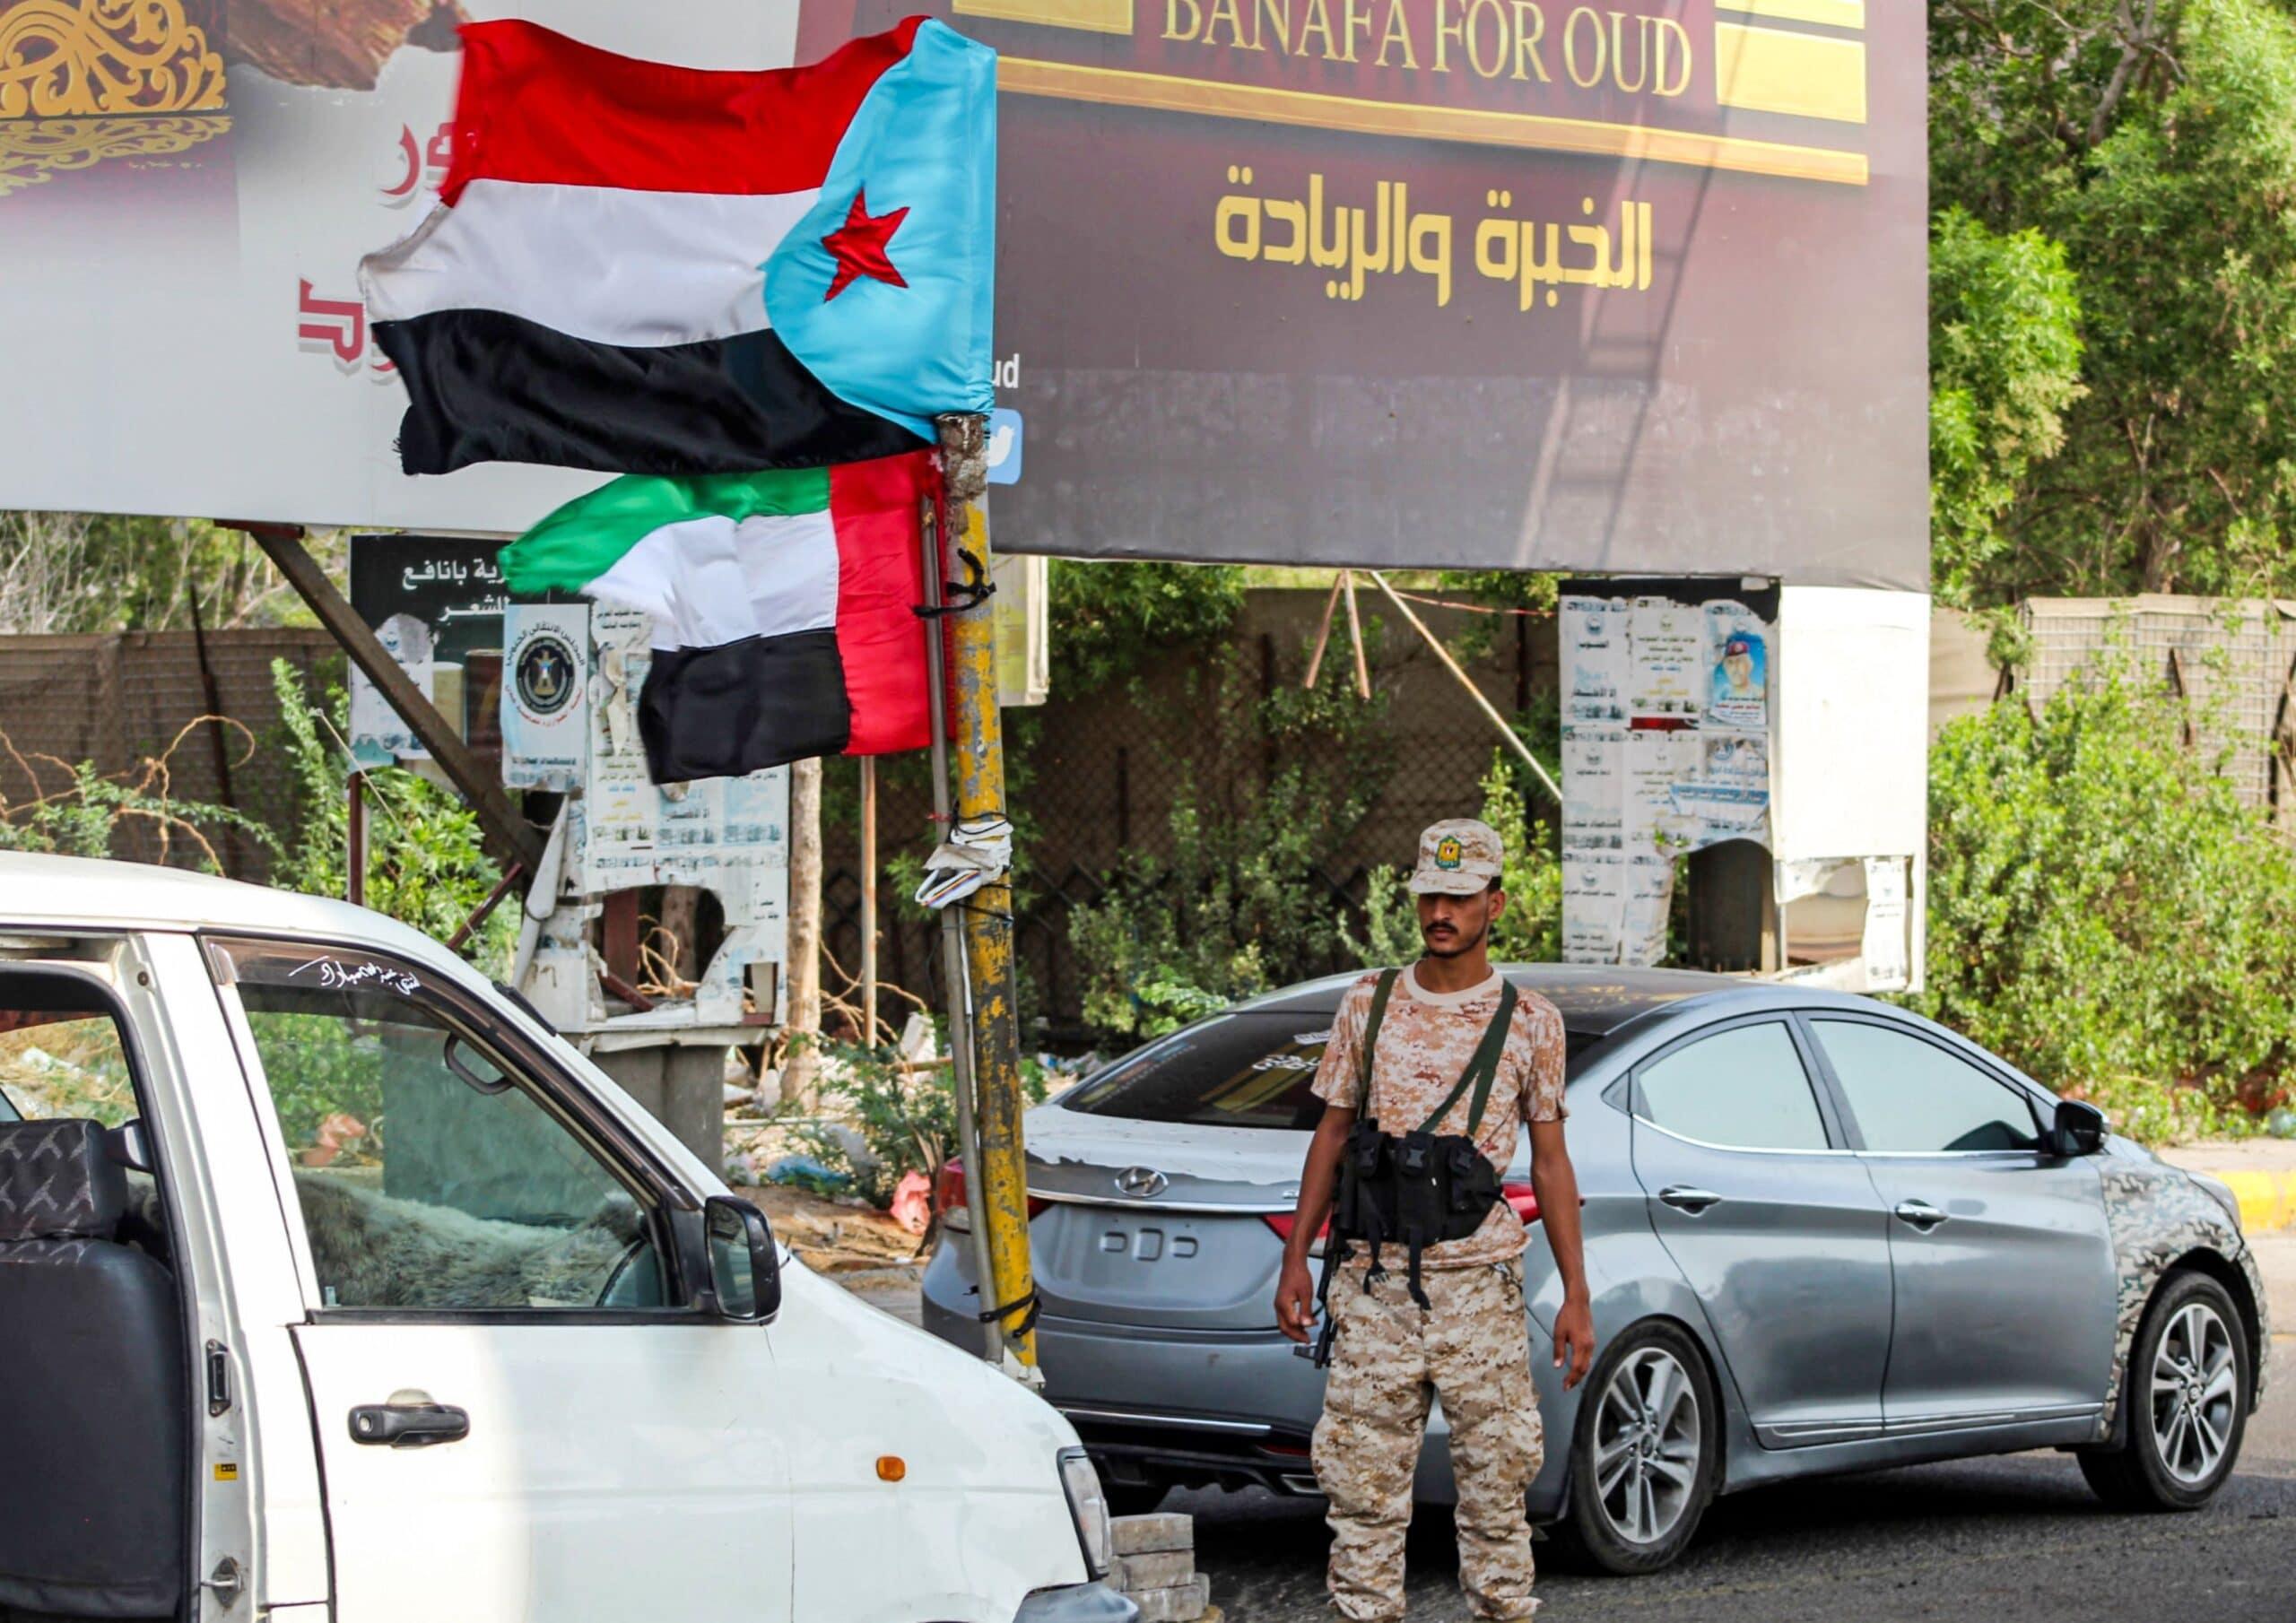 الكاتب السعودي خالد السبيعي يتهم دولا خليجية بالسيطرة على جزر وموانئ اليمن.. من قصد في هذه الدول؟!